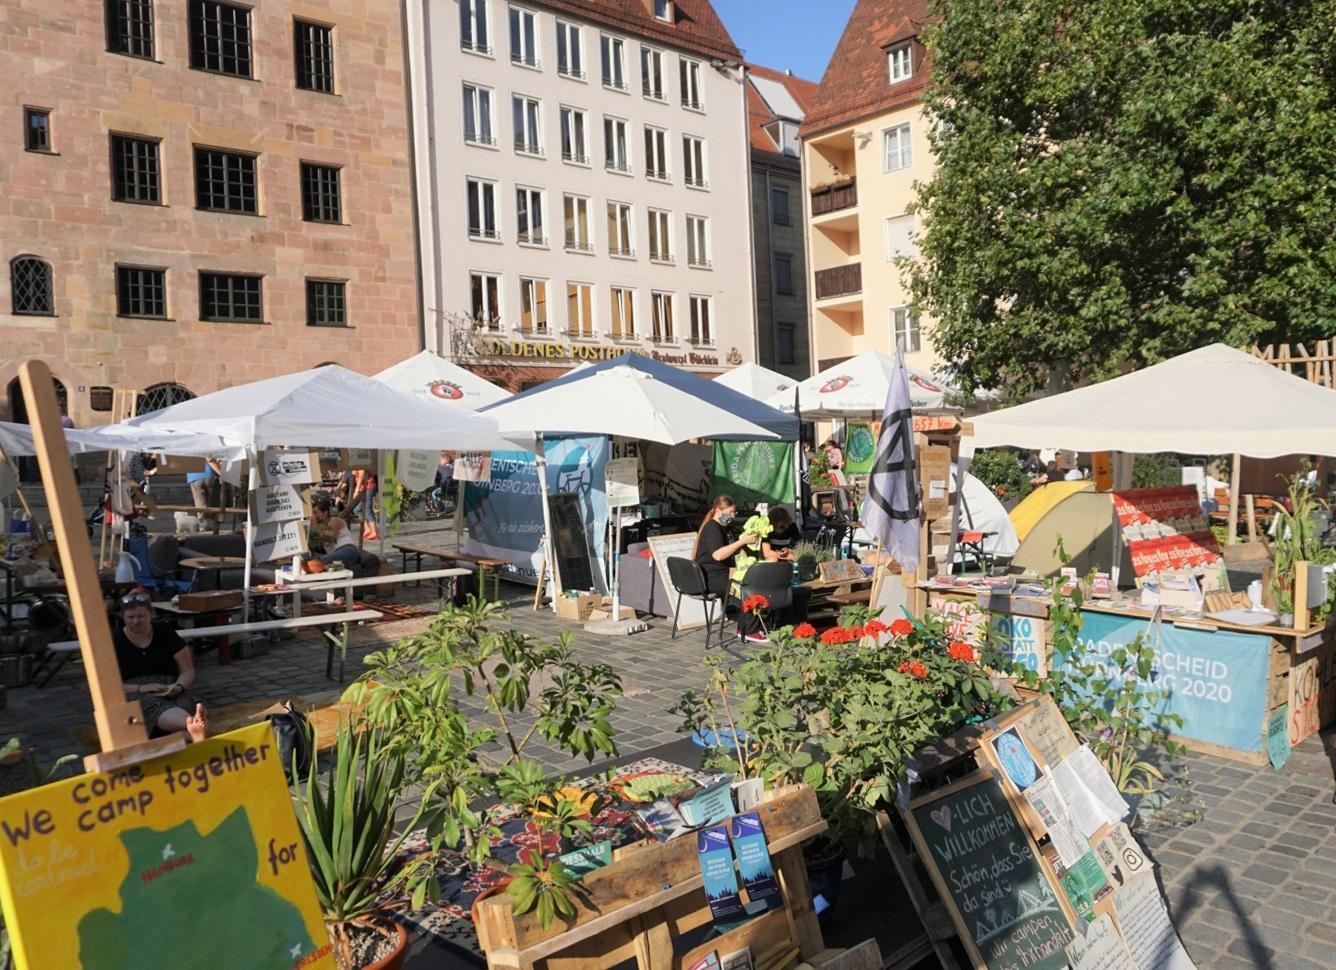 Pressemitteilung: Fridays for Future Saar baut am 19.03. ein Klimacamp für mehrtägigen Dauerprotest am Saarbrücker Rathaus auf